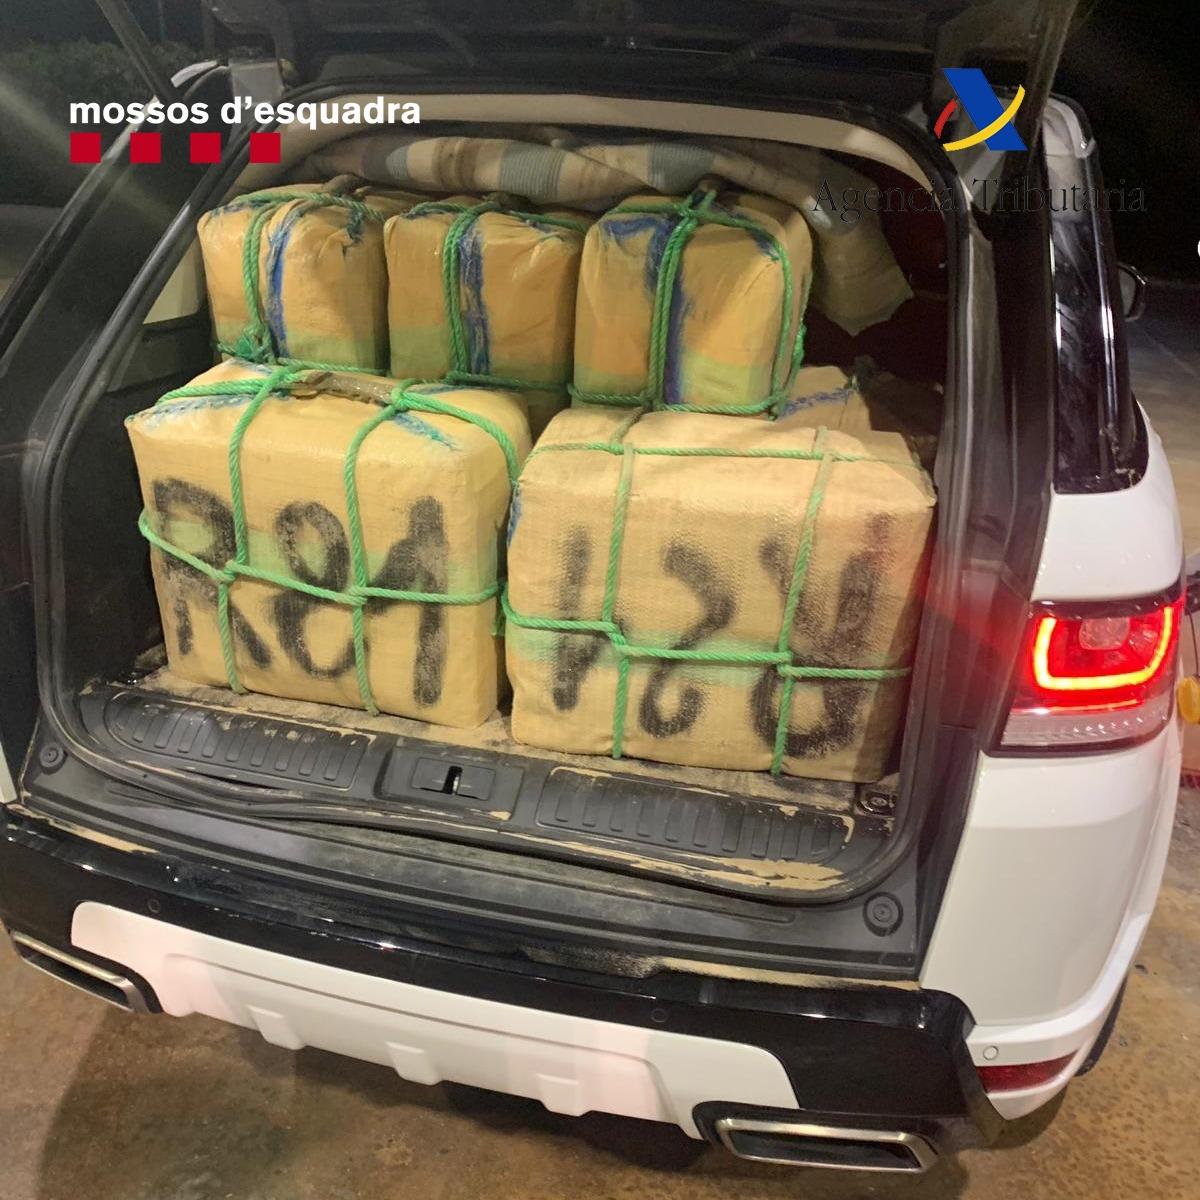 Detinguts dos homes a la Jonquera quan transportaven 500 quilos d'haixix per l'AP-7